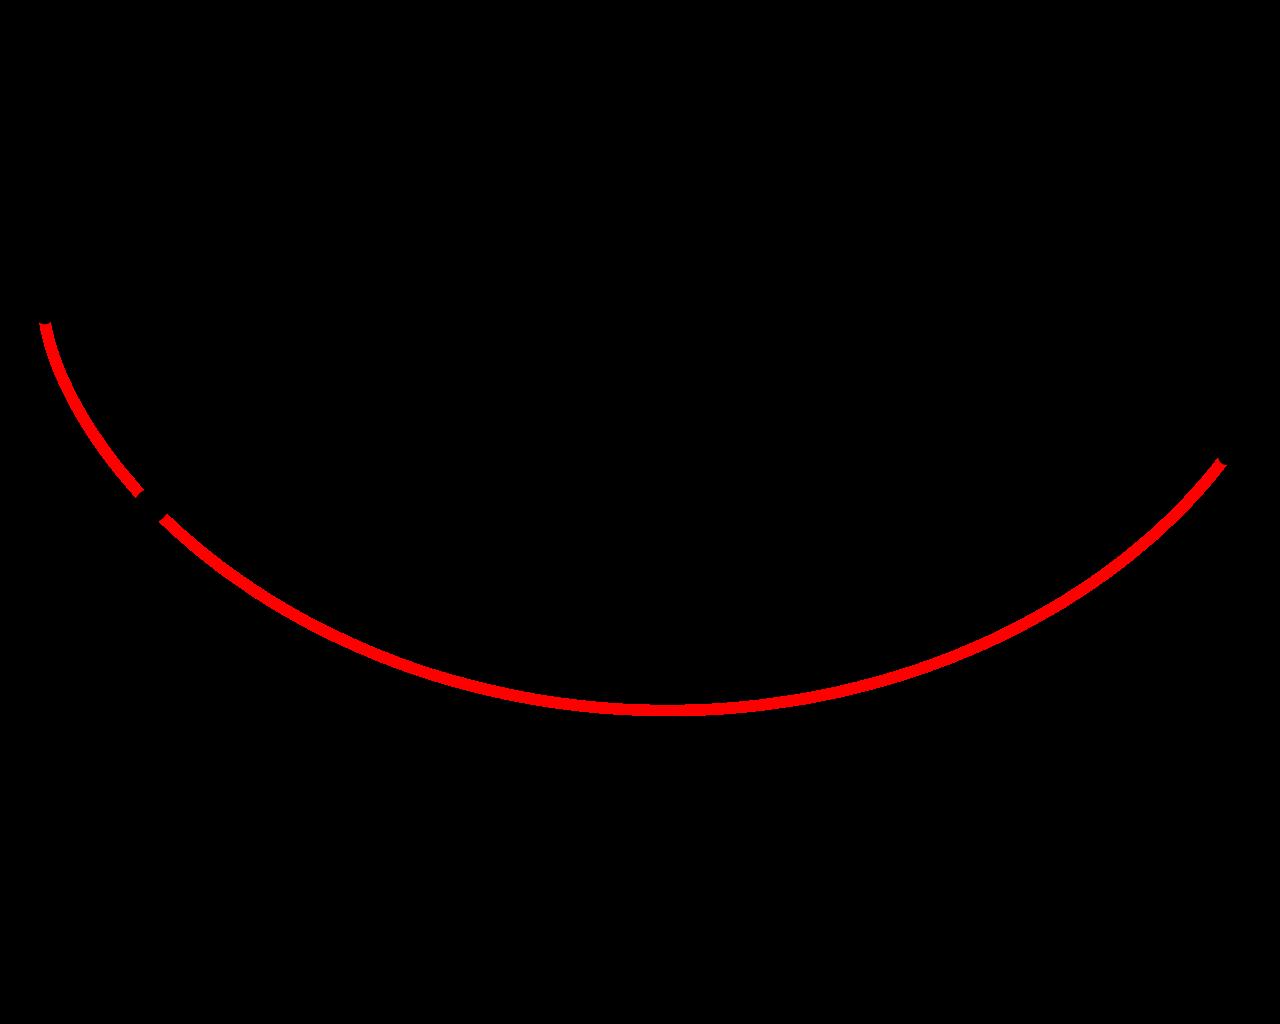 Brachistochrone